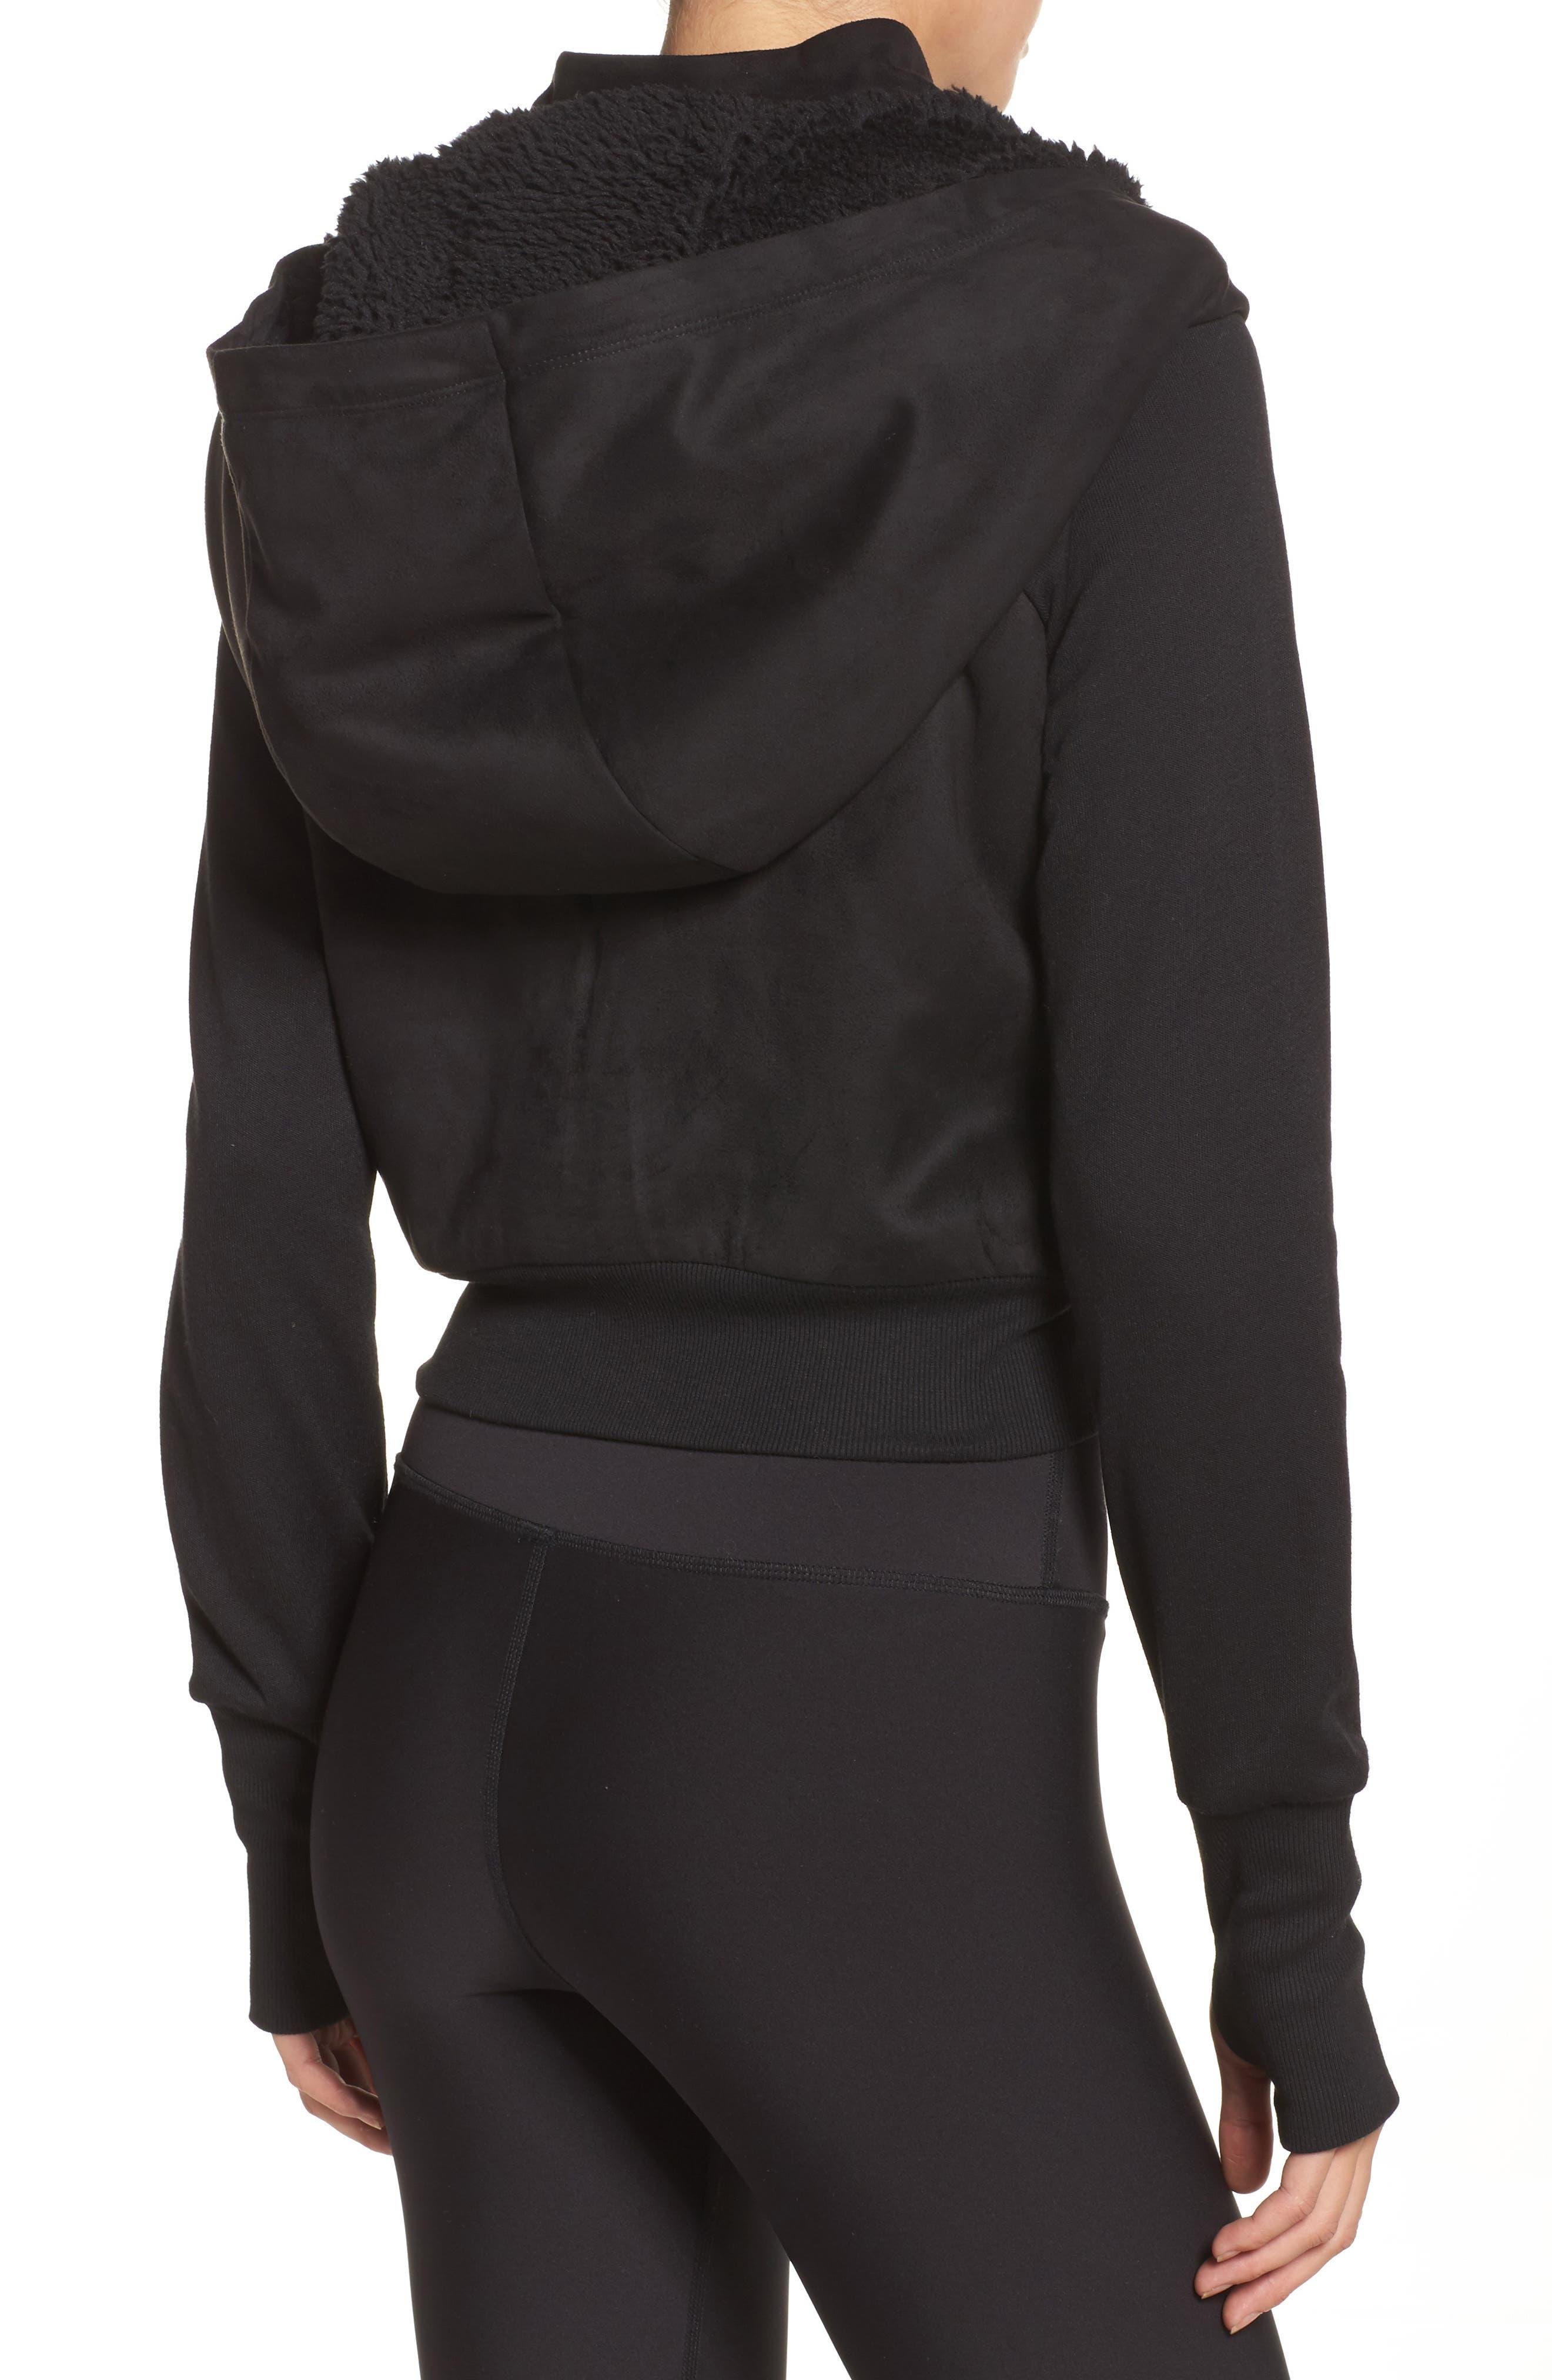 LA Winter Faux Fur Lined Jacket,                             Alternate thumbnail 2, color,                             001